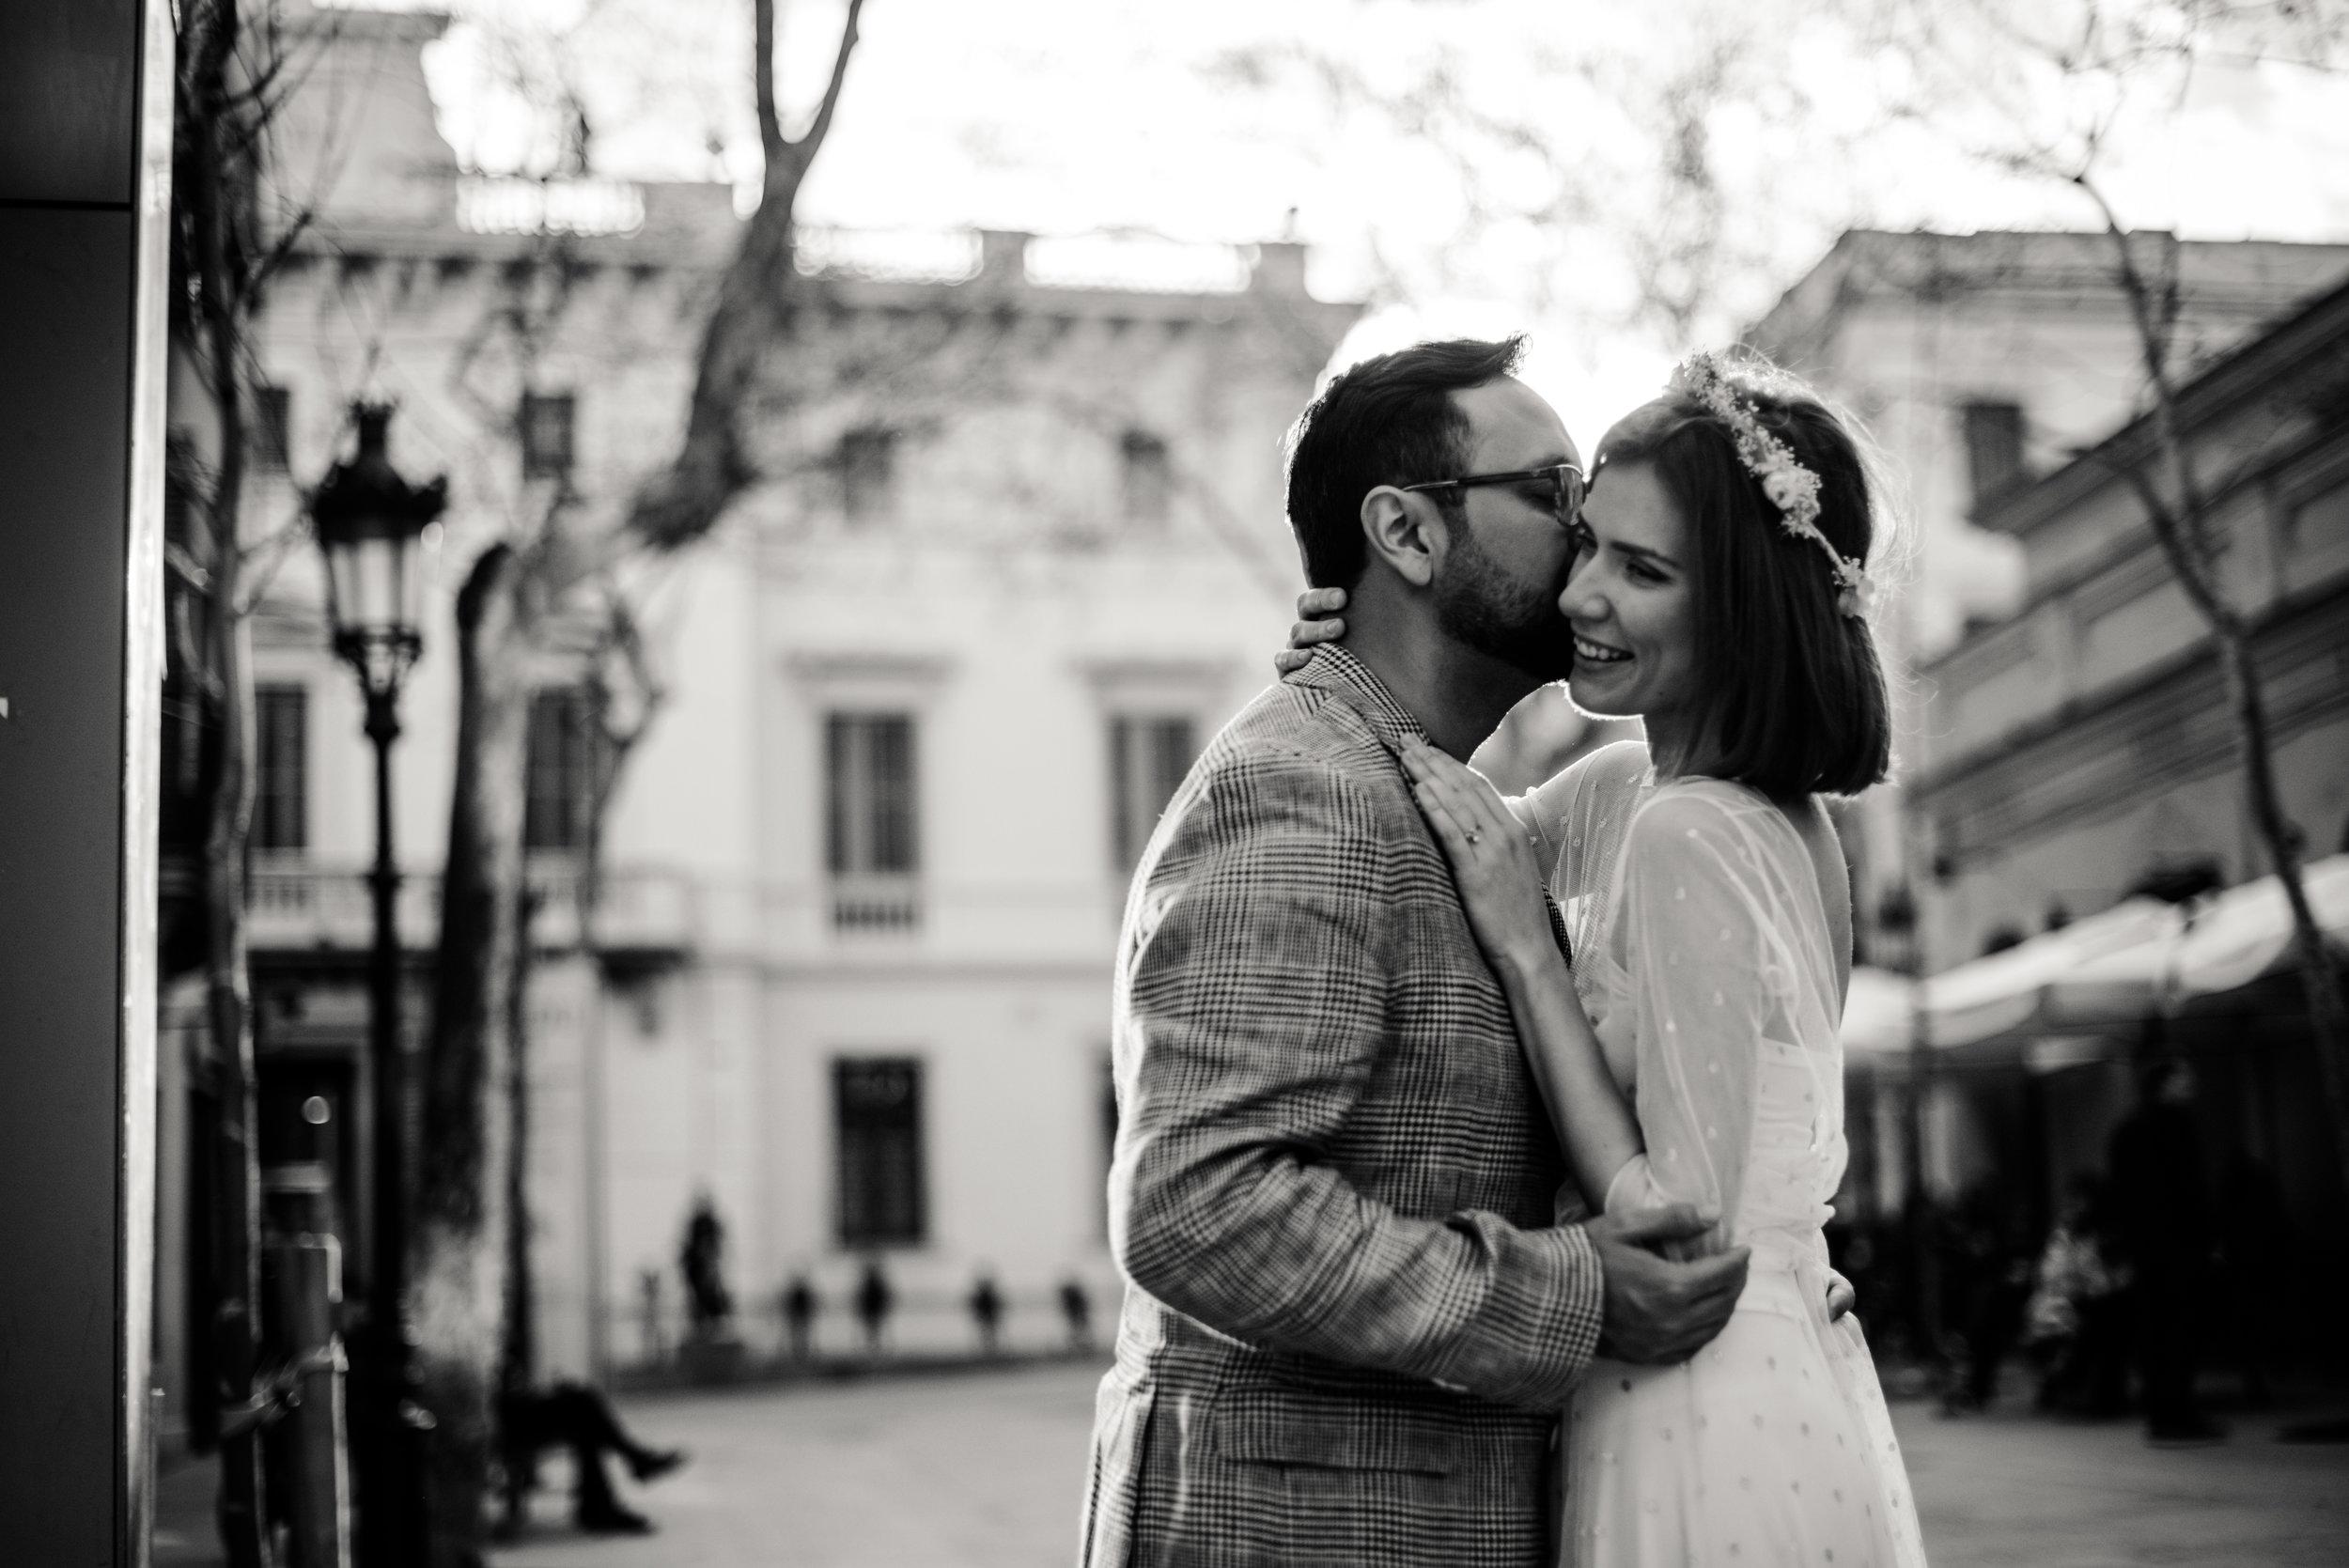 Léa-Fery-photographe-professionnel-lyon-rhone-alpes-portrait-creation-mariage-evenement-evenementiel-famille-4639.jpg